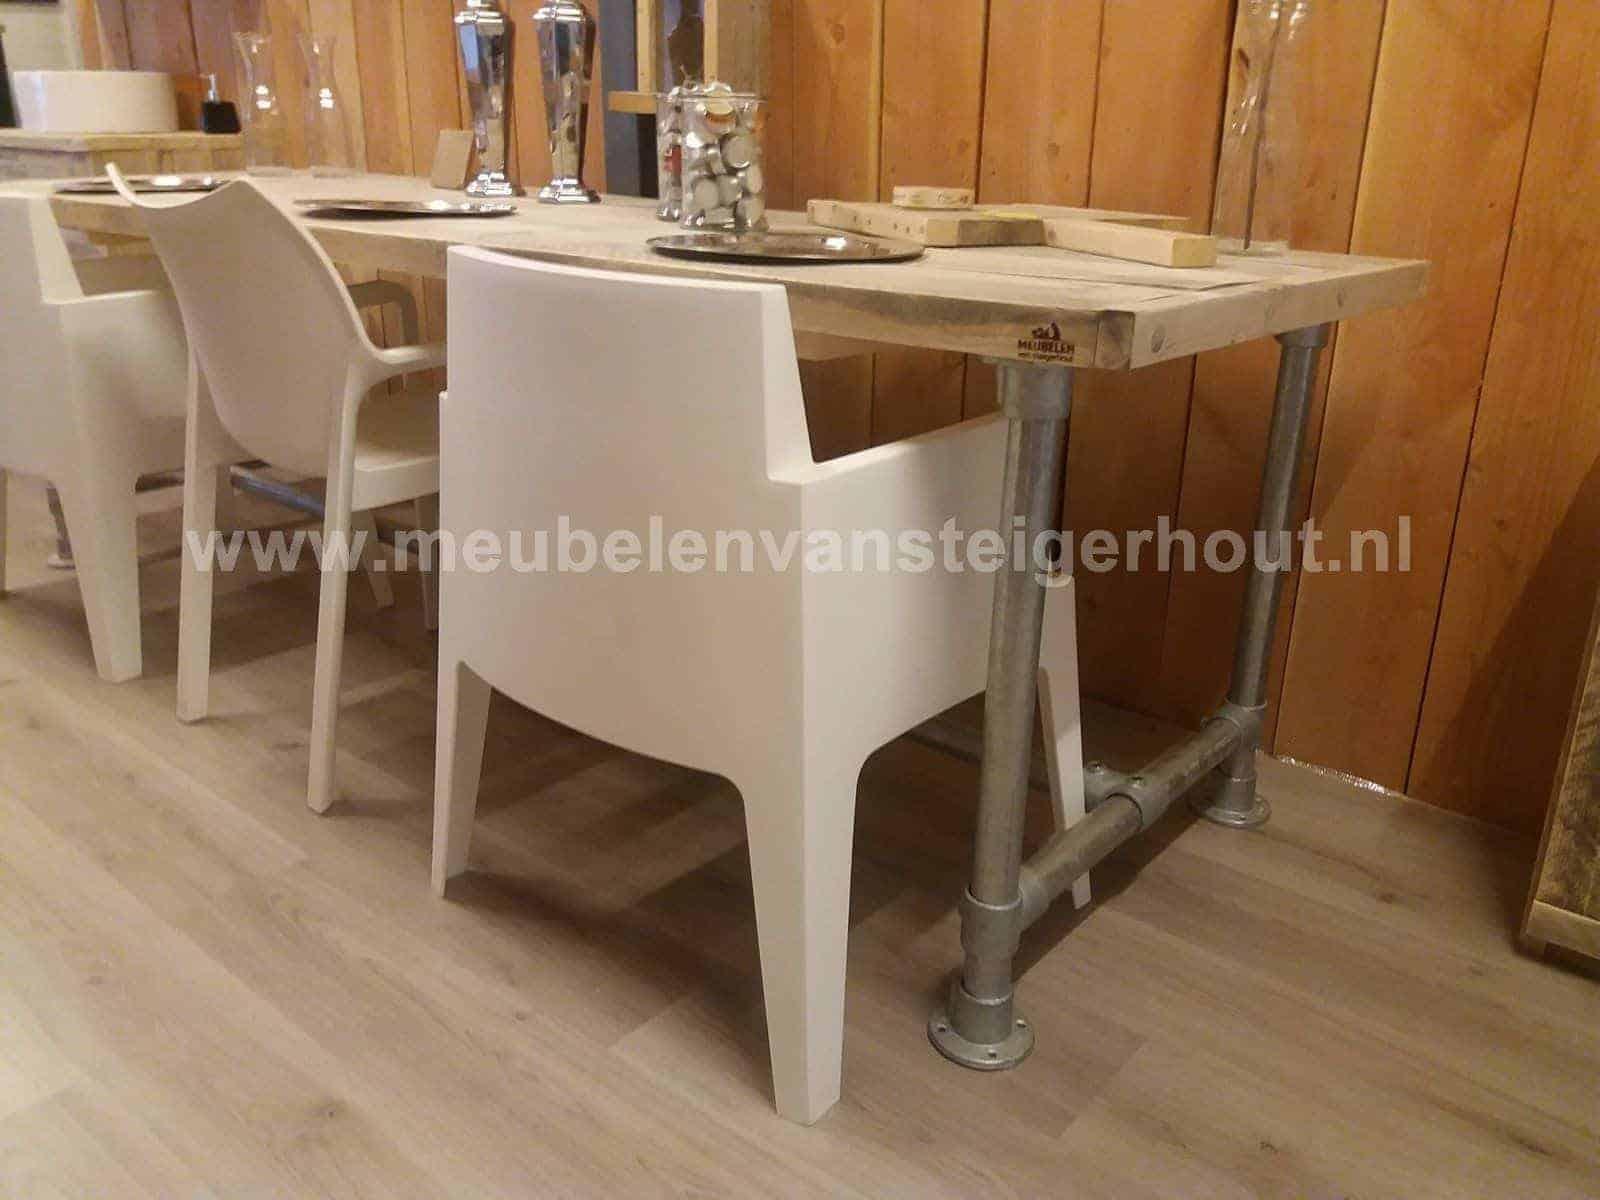 Steigerbuis Tafel Onderstel : Sale tafel met steigerbuis onderstel cm meubelen van